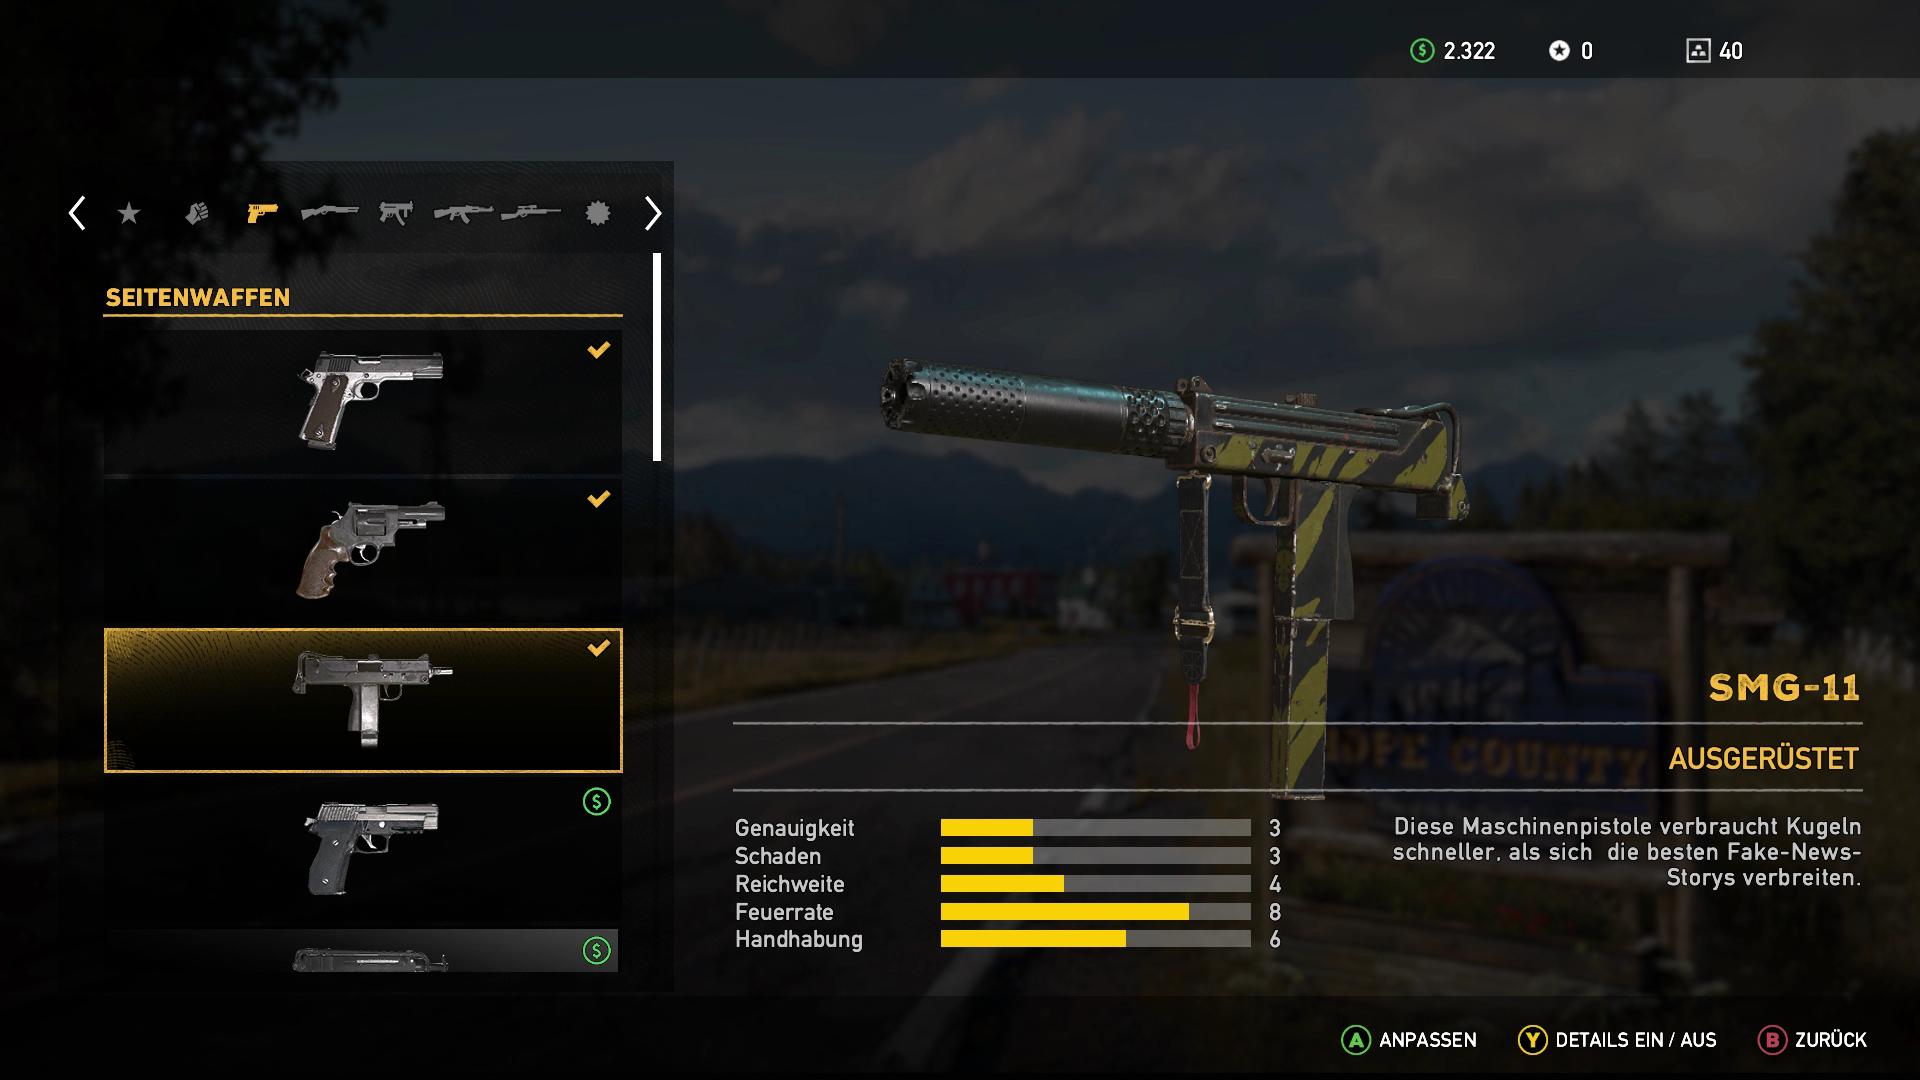 Far Cry 5: So schlägt sich der neue Teil der Kultreihe – Review Roundup [Spoilerfrei]